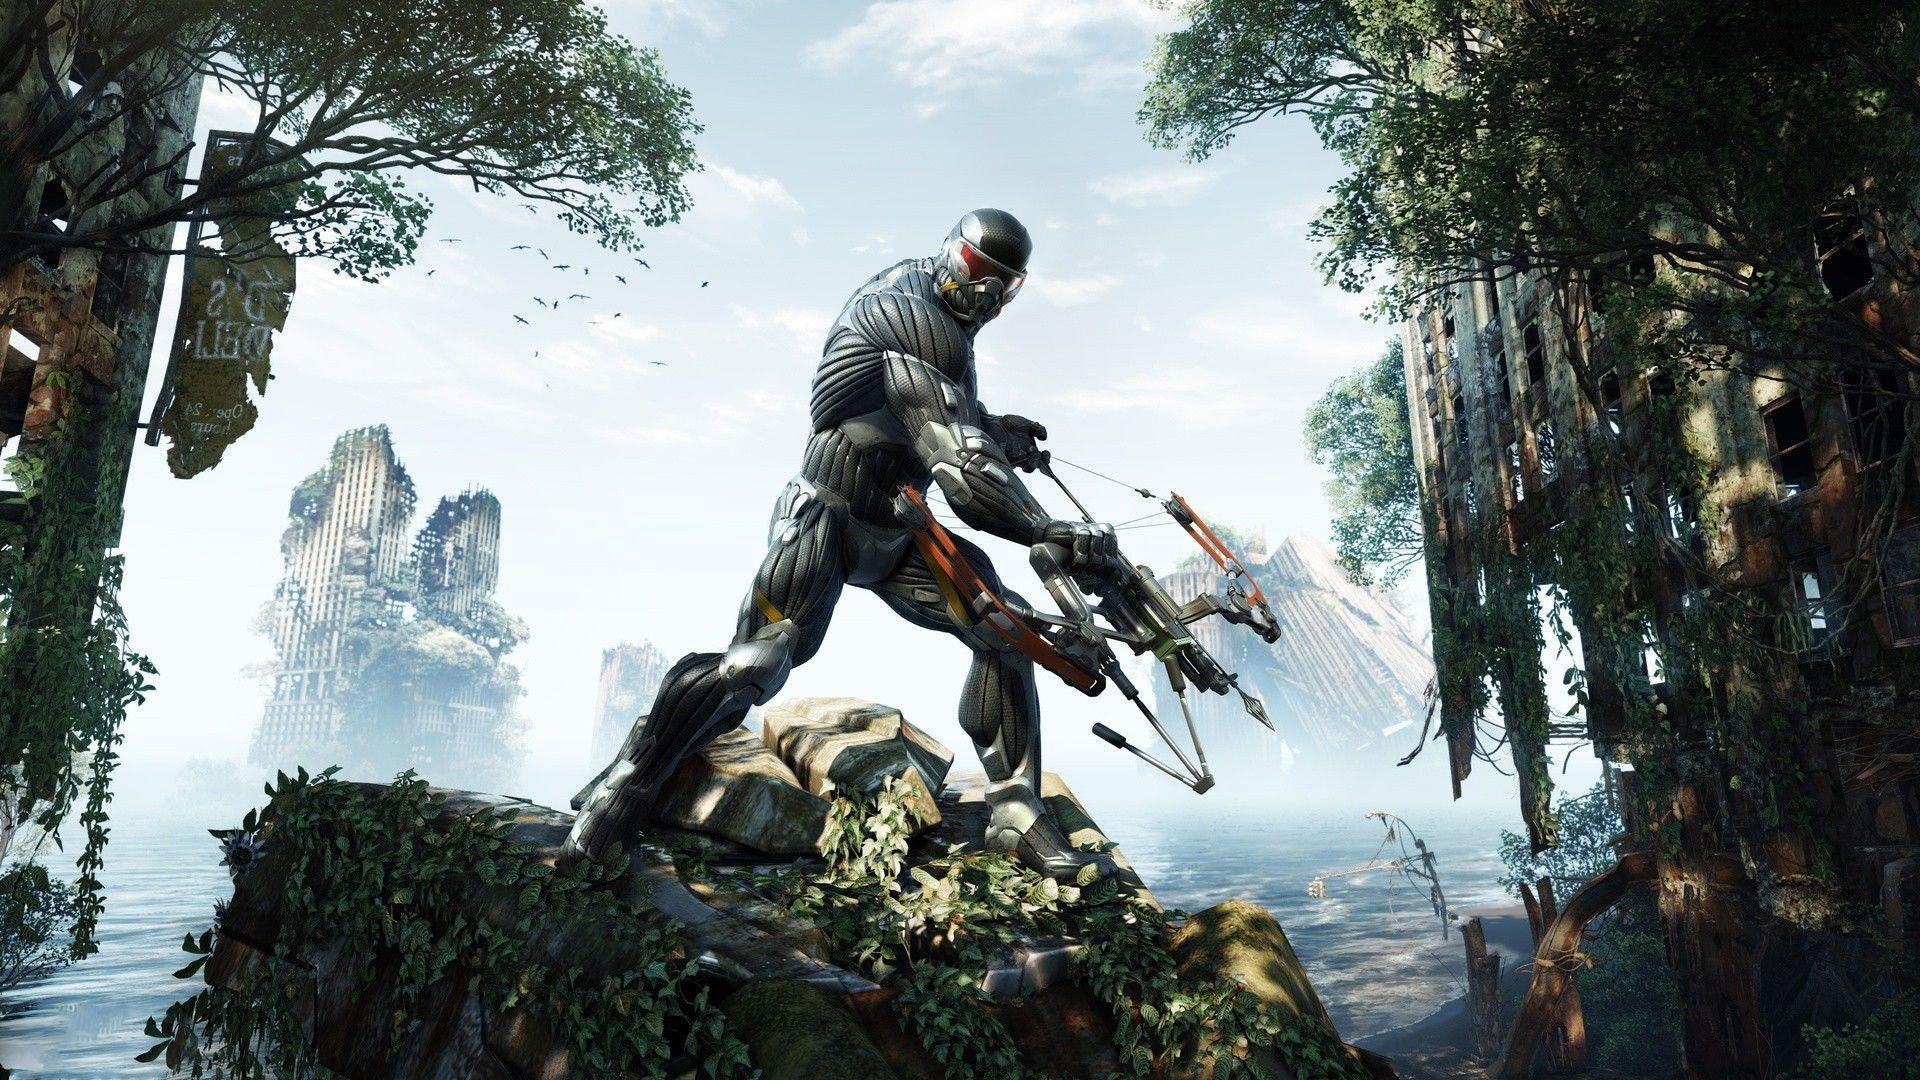 В утёкших документах Crytek упоминается королевская битва по Crysis